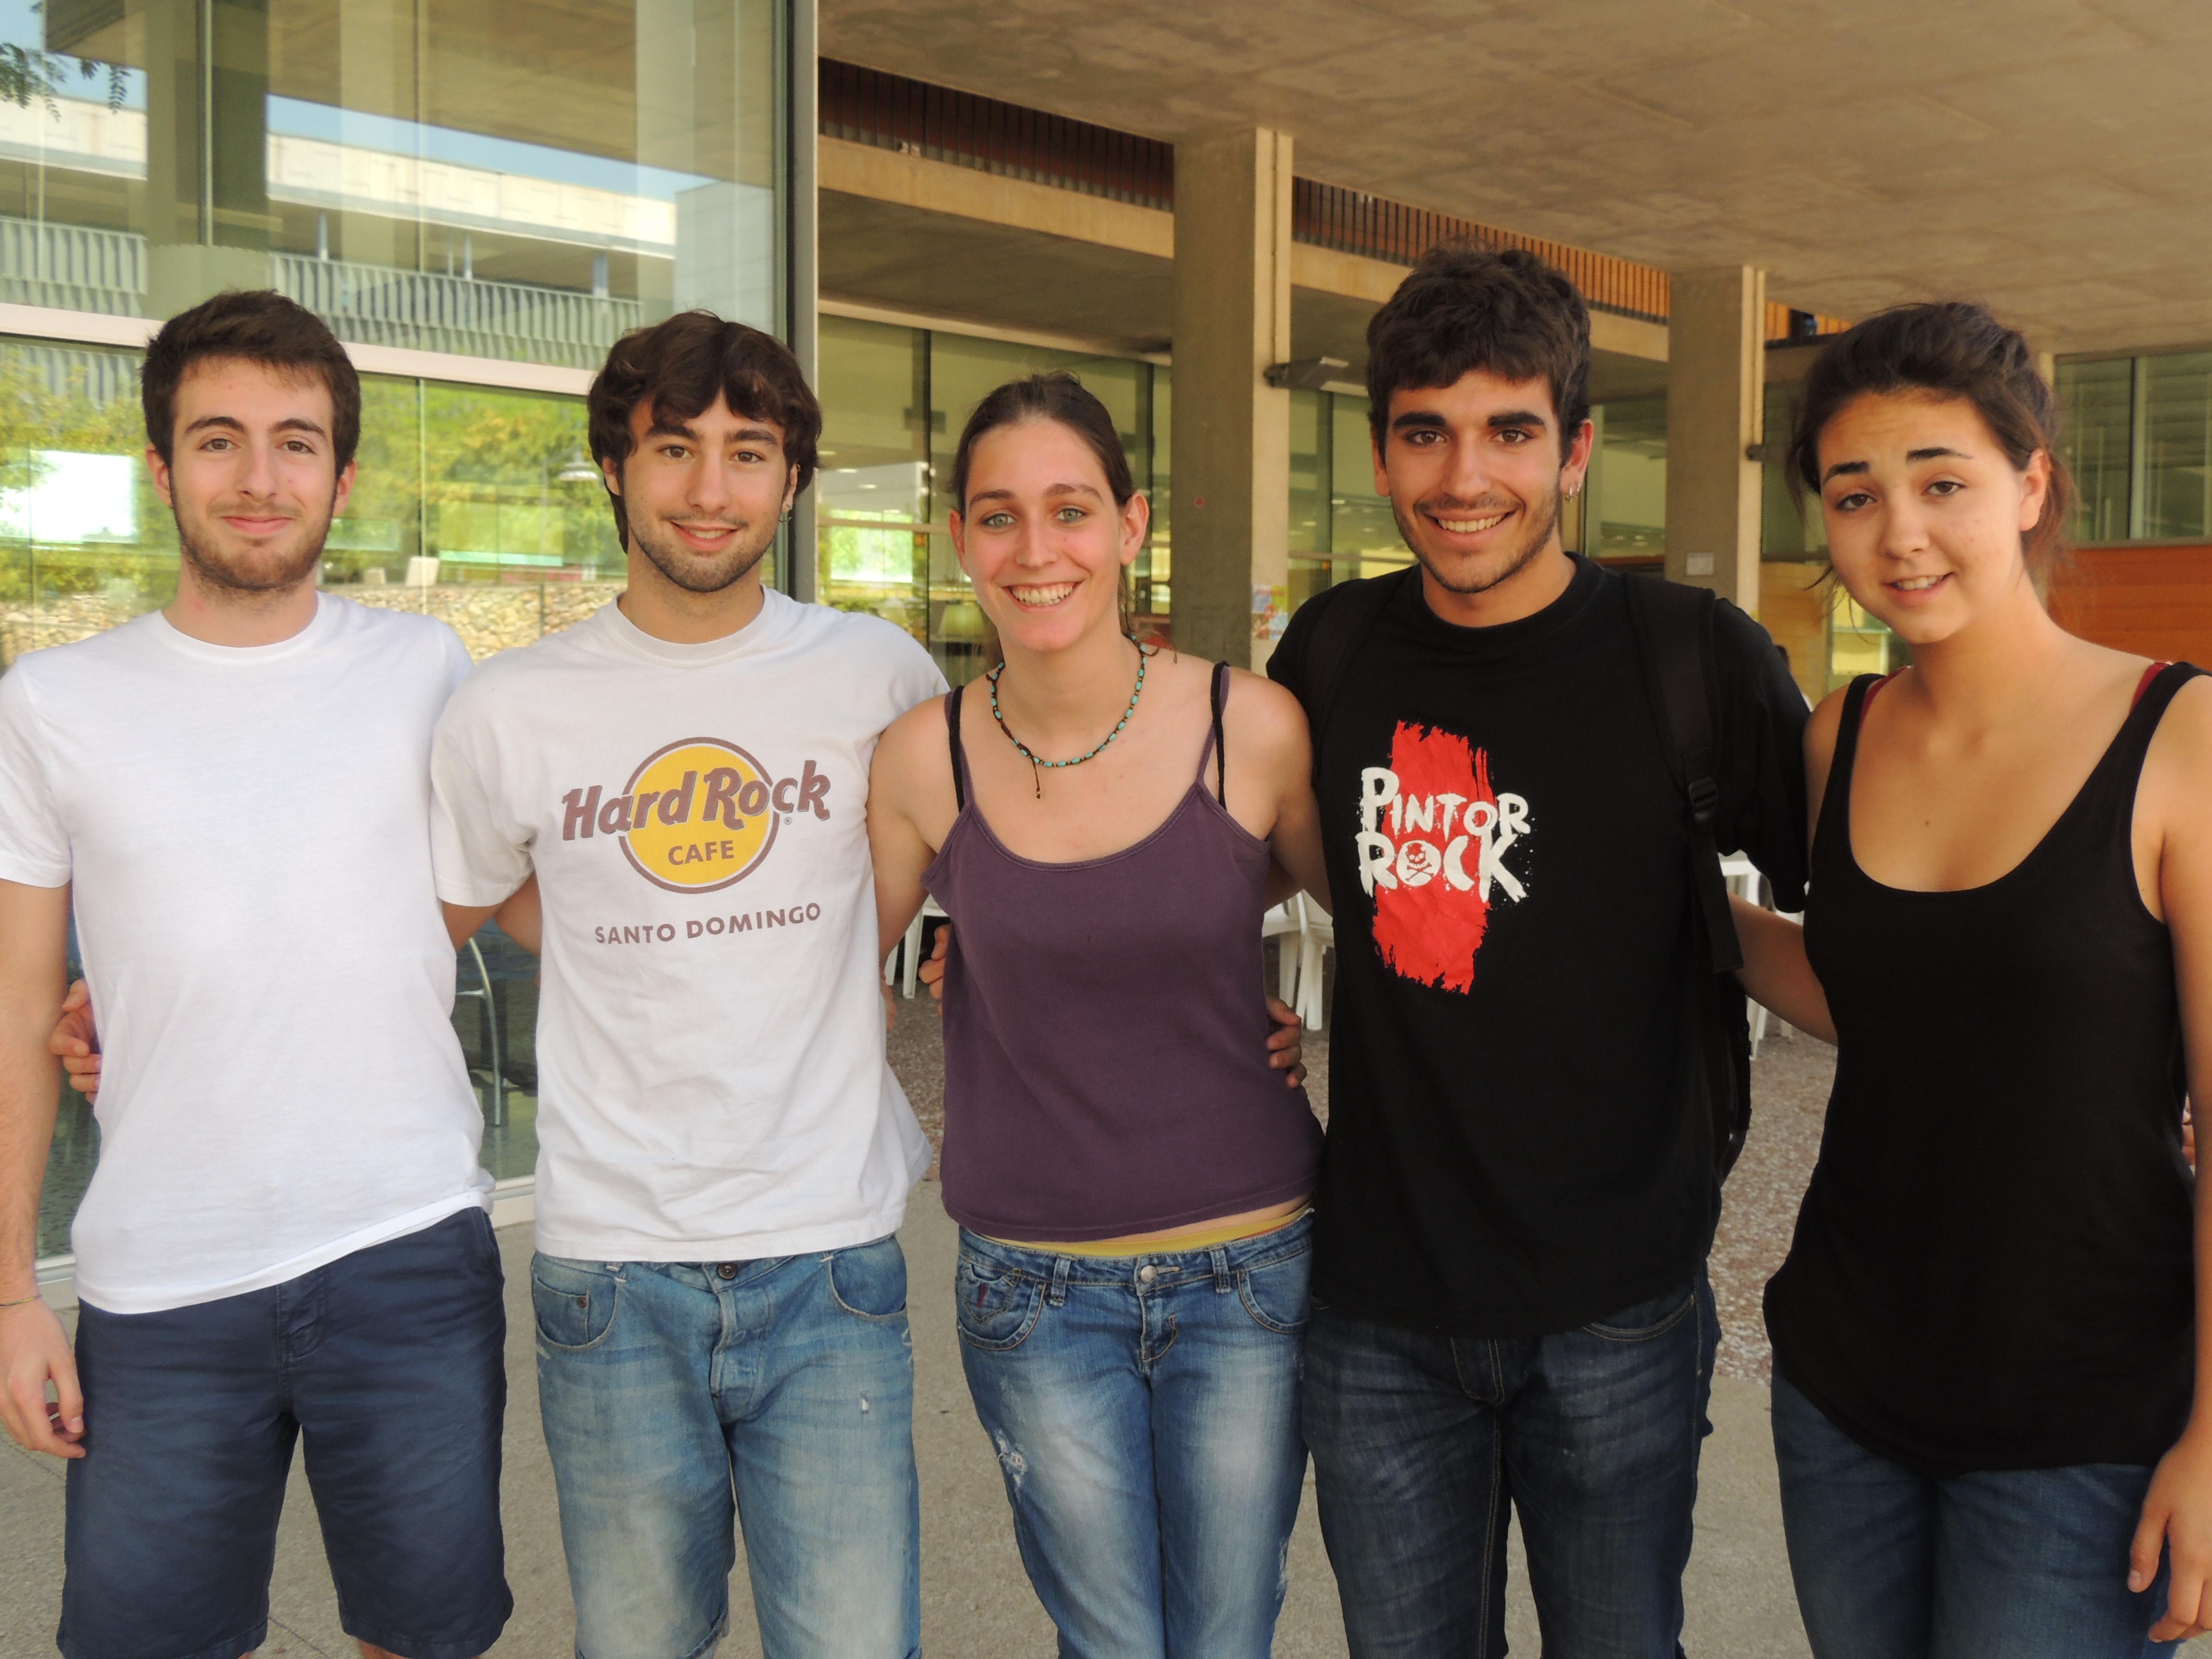 D'esquerra a dreta: Jordi Ballesteros, Guerau Guillen, Laura Ballesteros, Carlos Domènech i Maria Parreu.